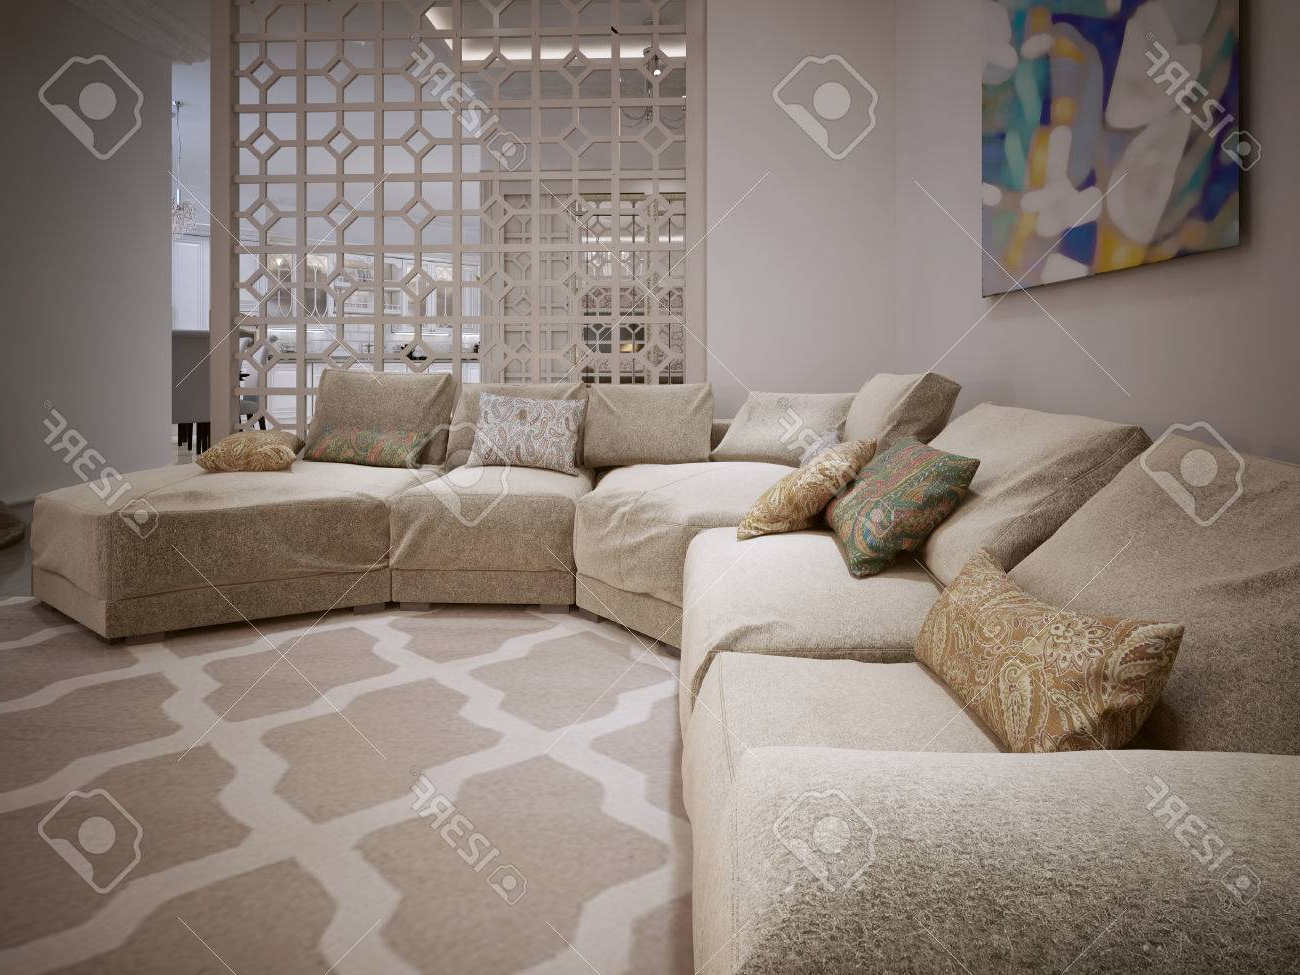 Cojines Para sofa Beige Wddj sofà Grande En Un Estilo Moderno De Cojines De Color Beige De Tela